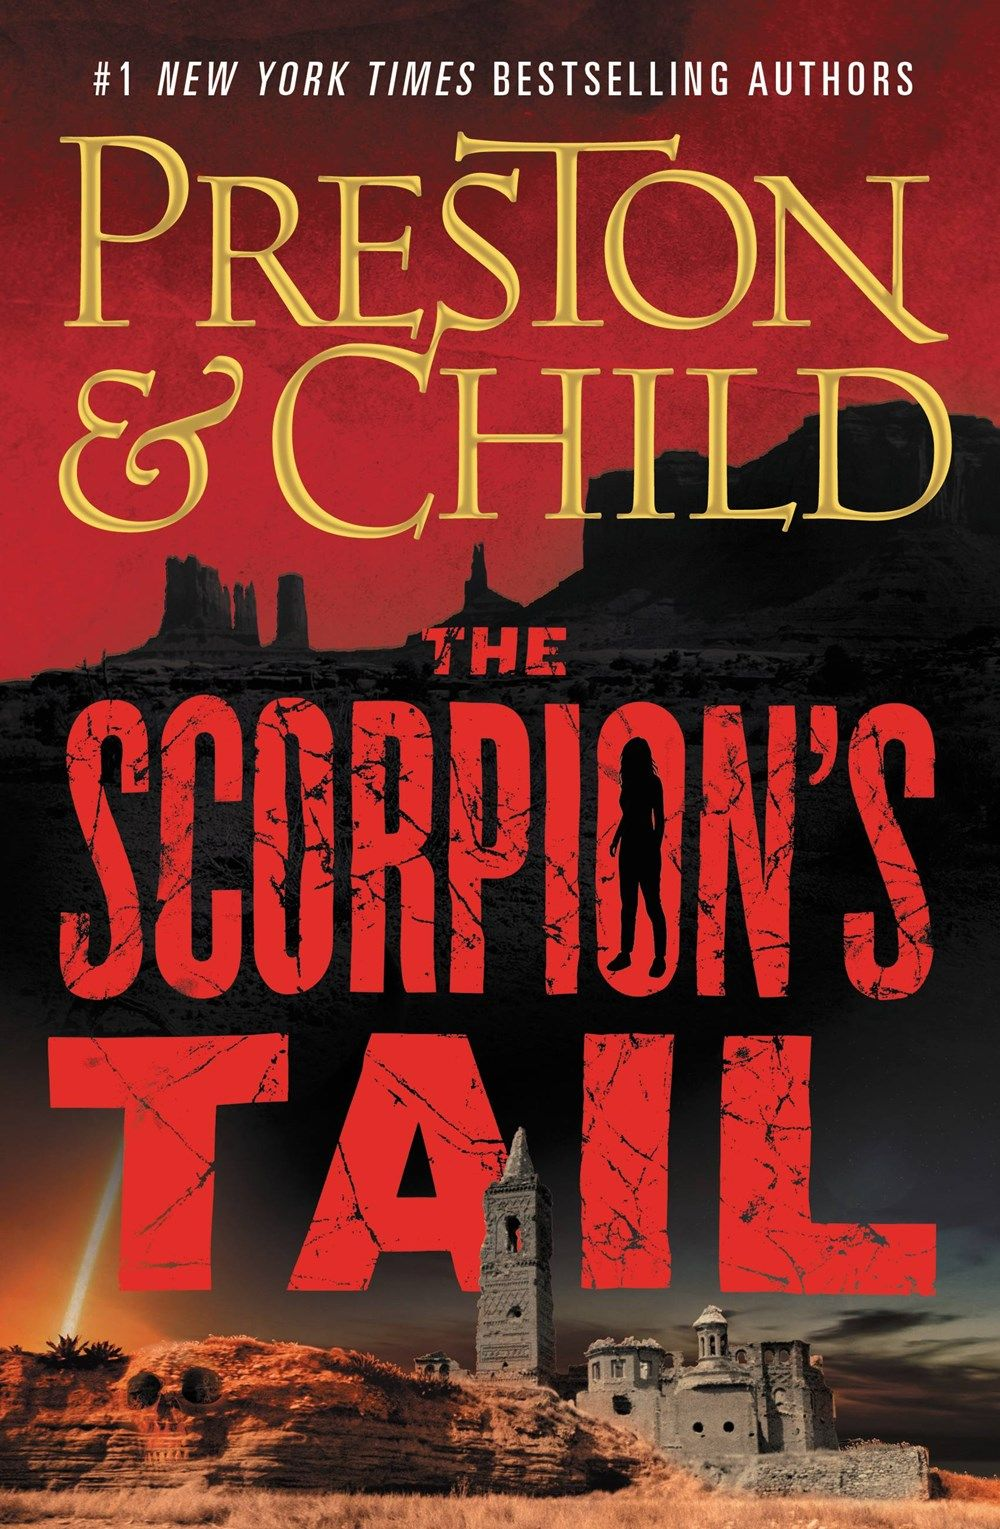 Pdf Read The Scorpion S Tail Nora Kelly 2 By Douglas Preston For Booknerd Preston Child Lincoln Child Scorpion Tail